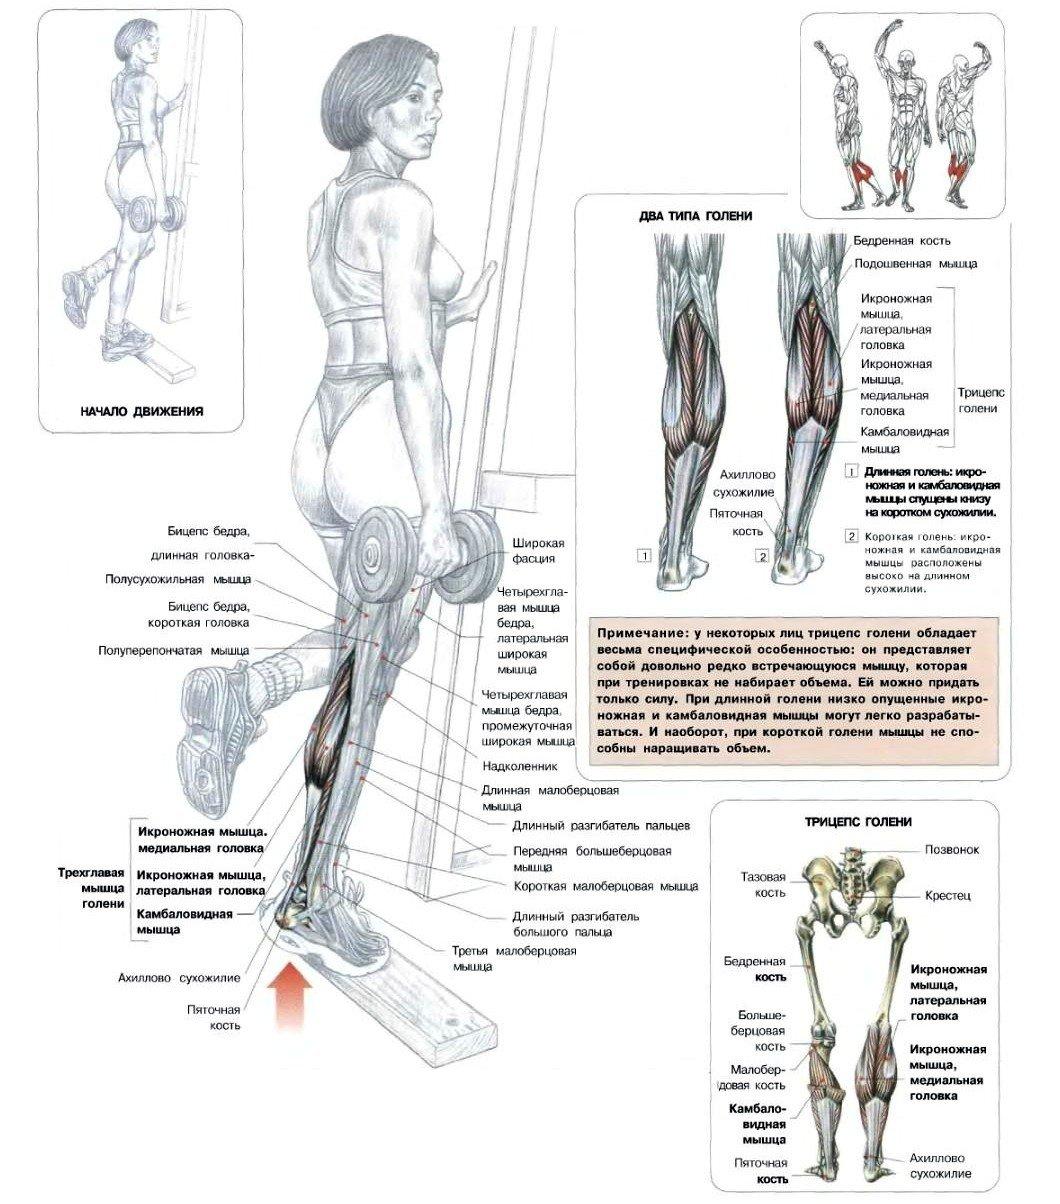 Подъем на носки: техника и секреты упражнения